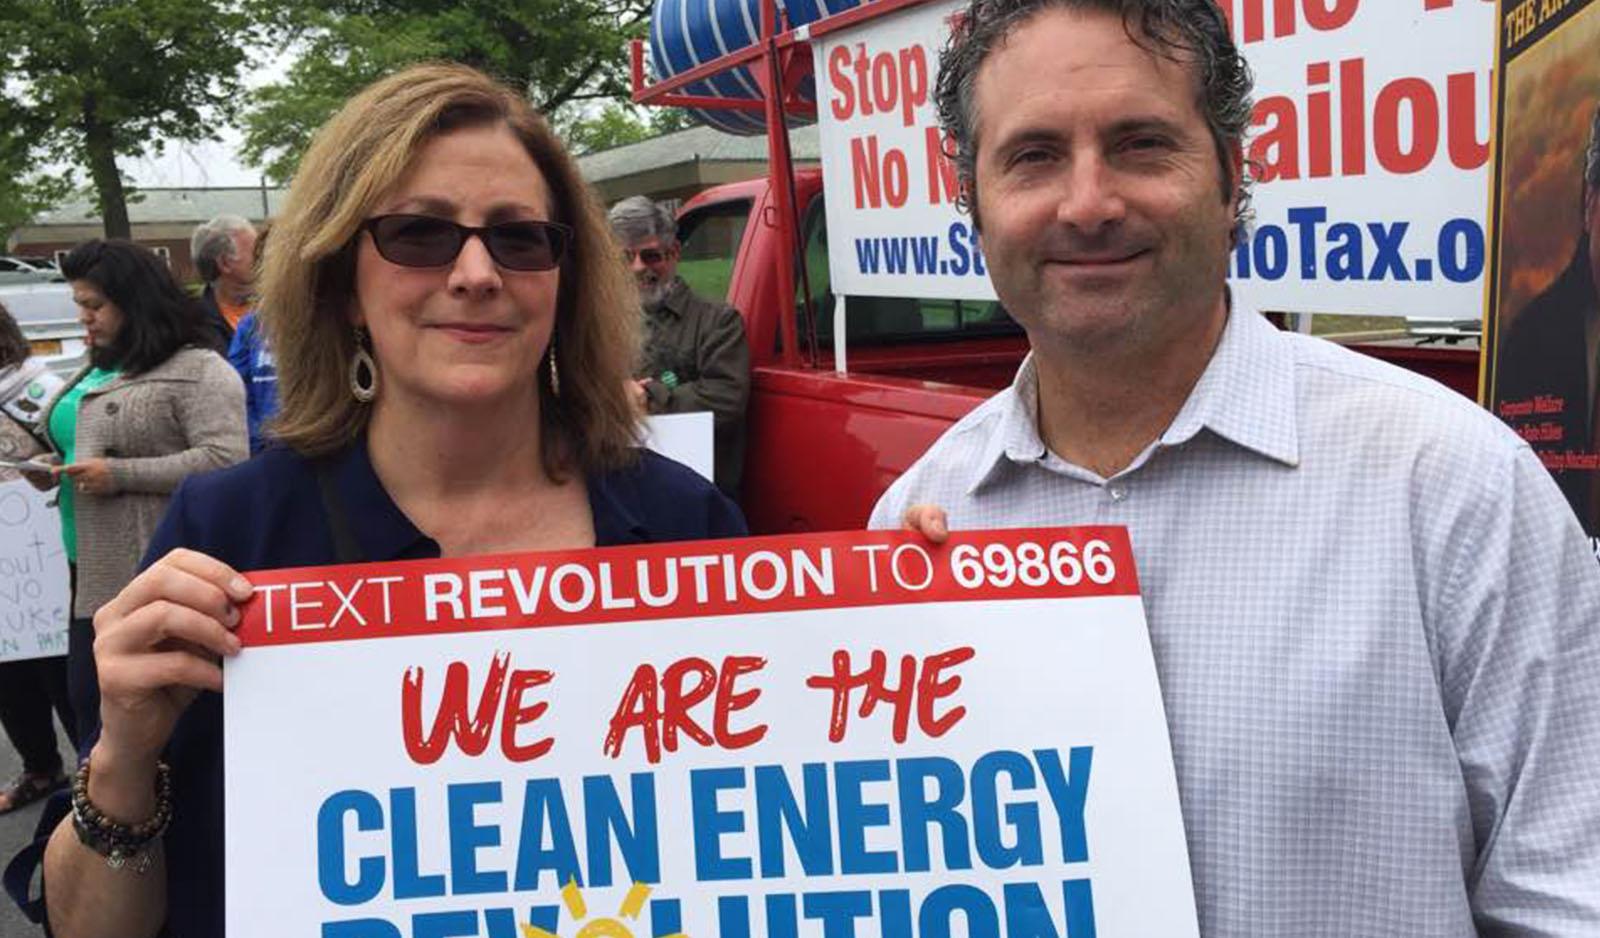 Heidi_Hutner_Clean_energy.jpg